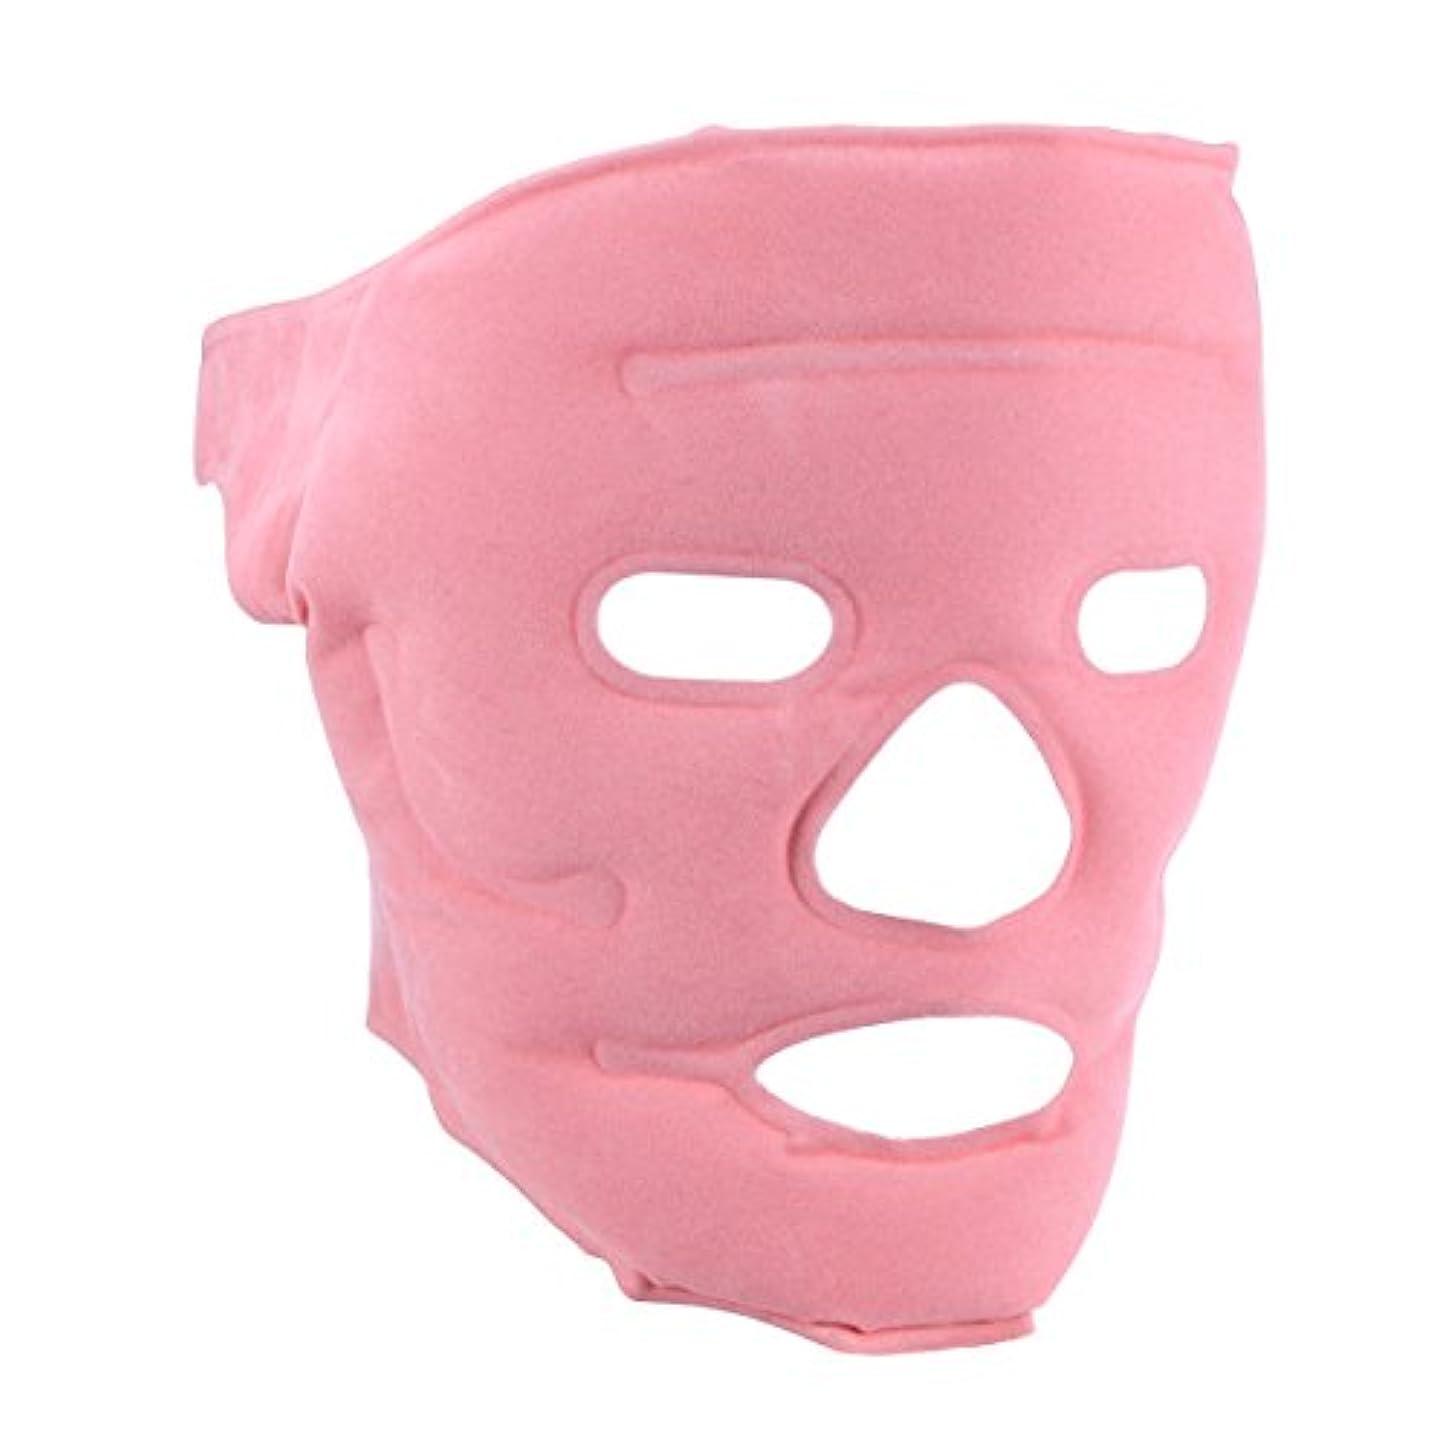 戦術エリート正規化ROSENICE フェイシャルマスクトルマリンジェルマグネットフェイシャルマスクスリム化フェイスパウチ(ピンク)